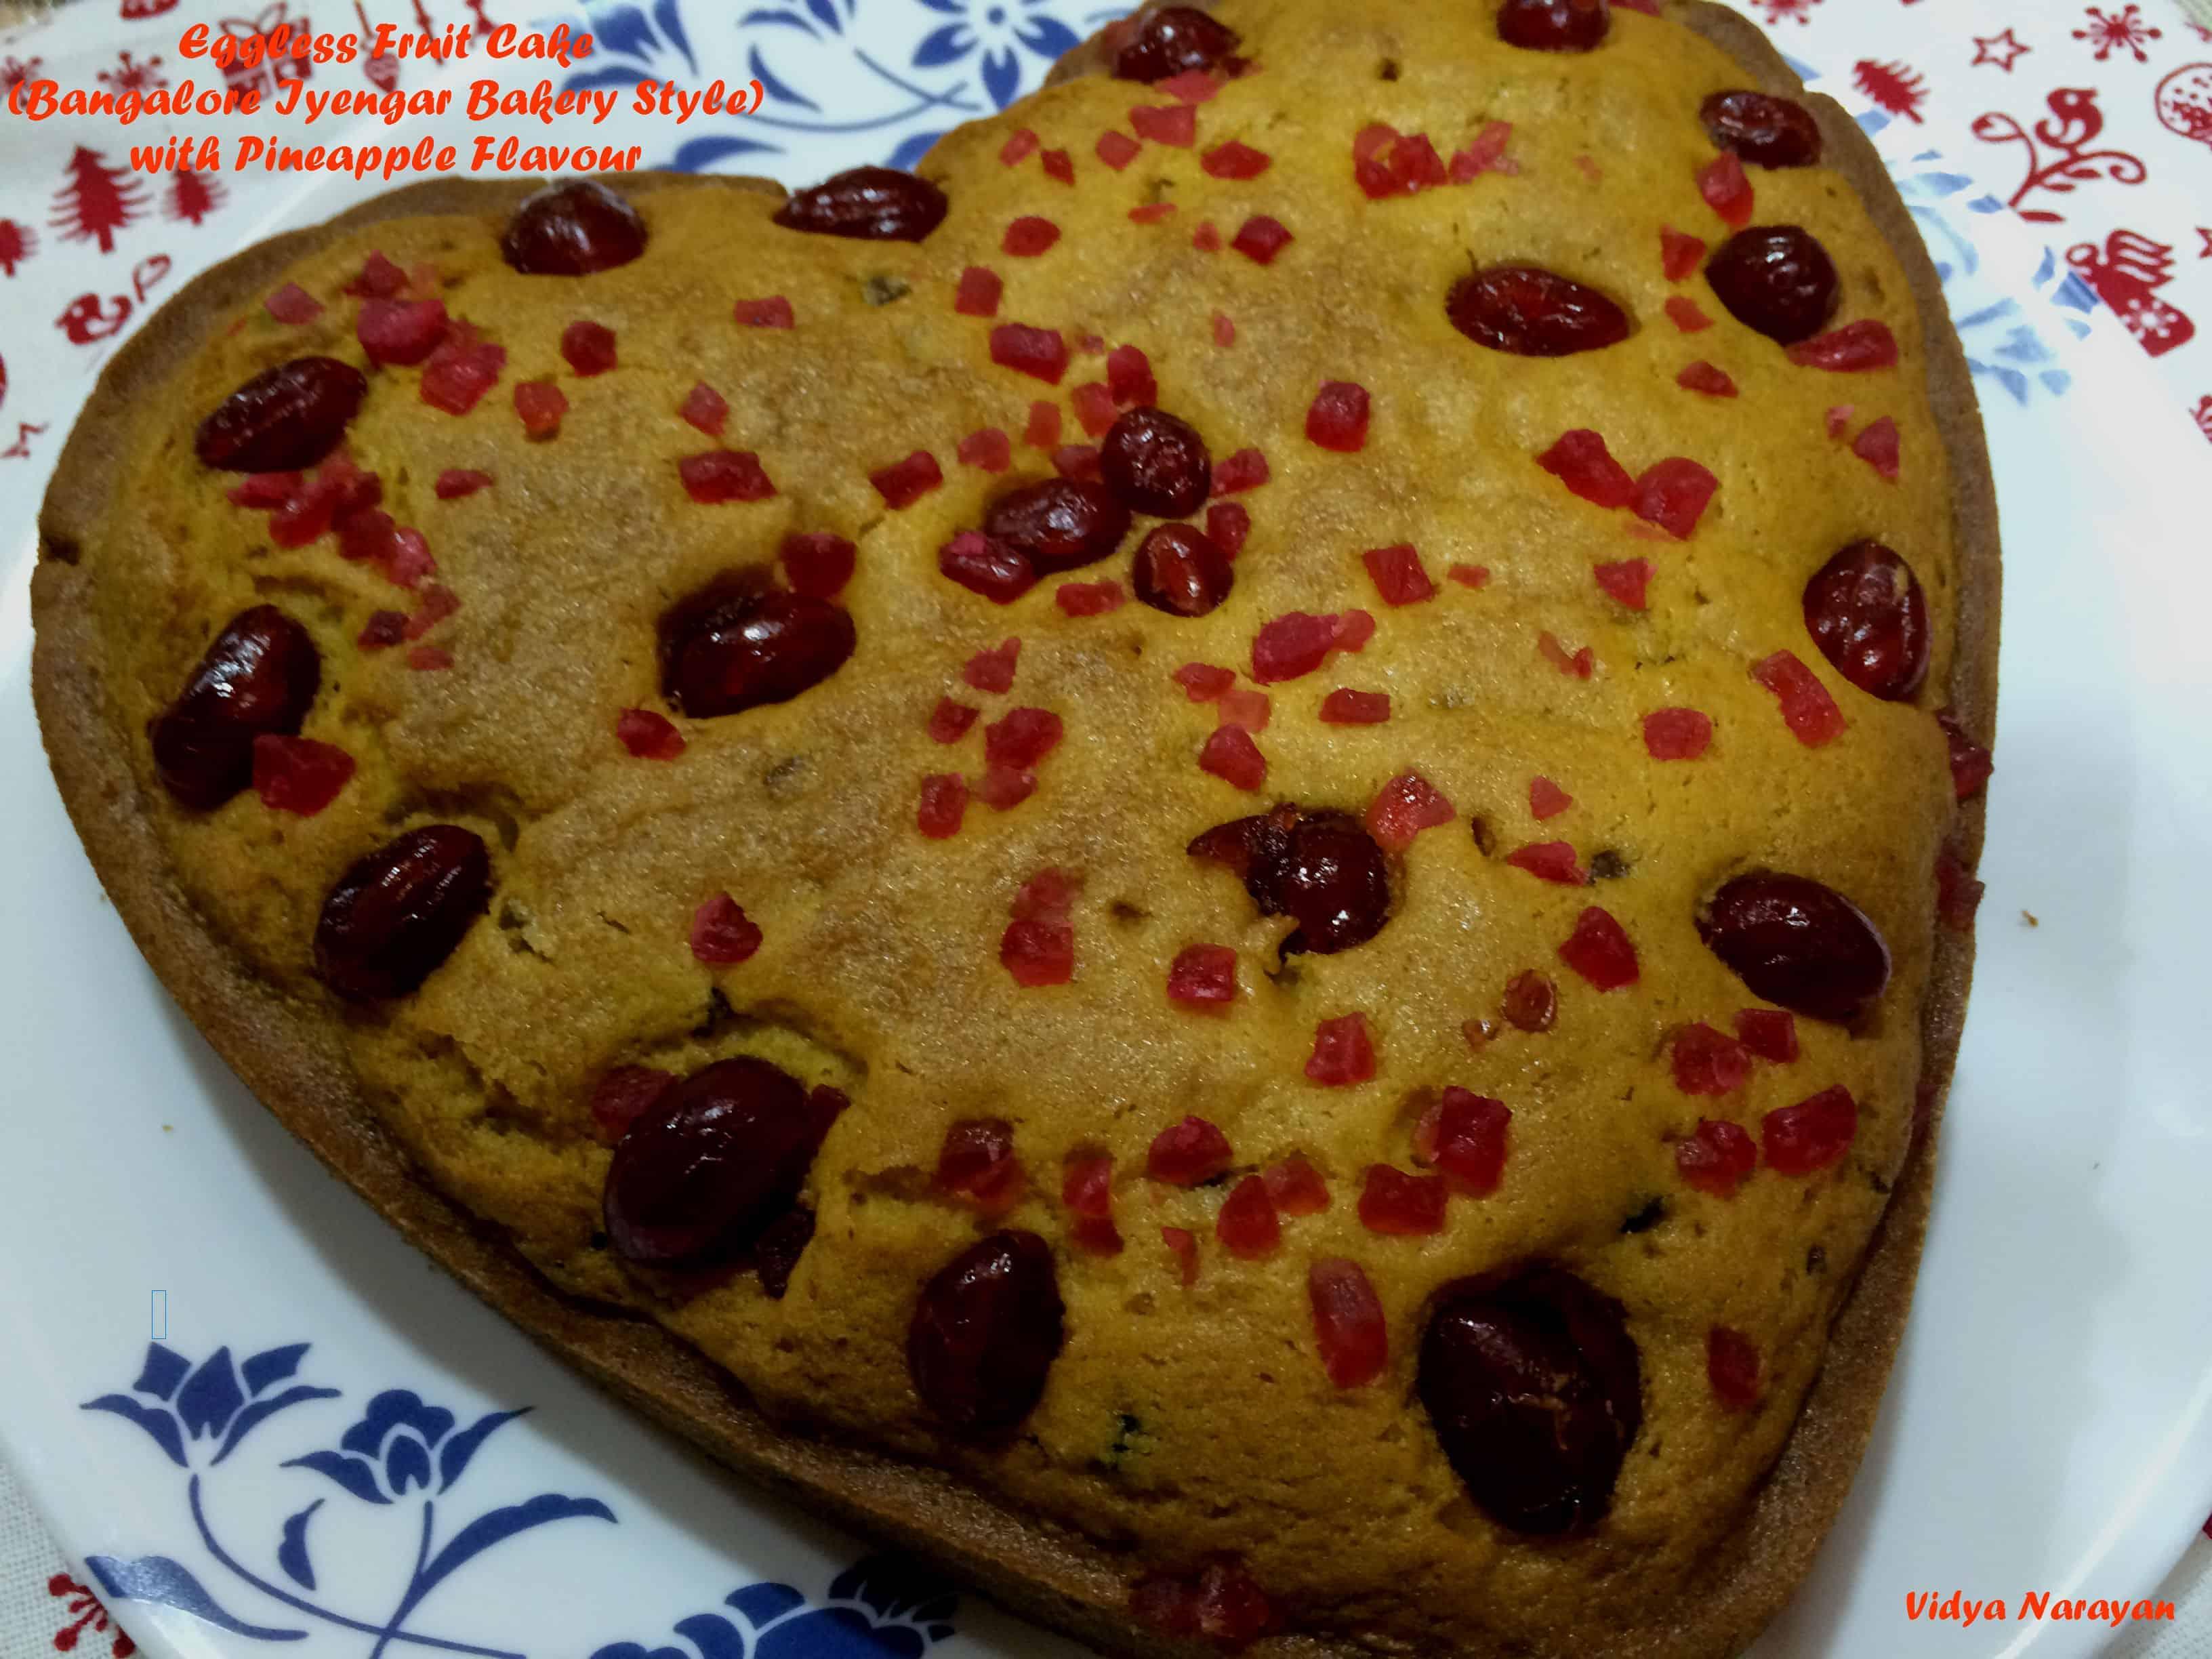 Eggless Tutti Fruity Cake (Bangalore Iyengar Bakery Style)